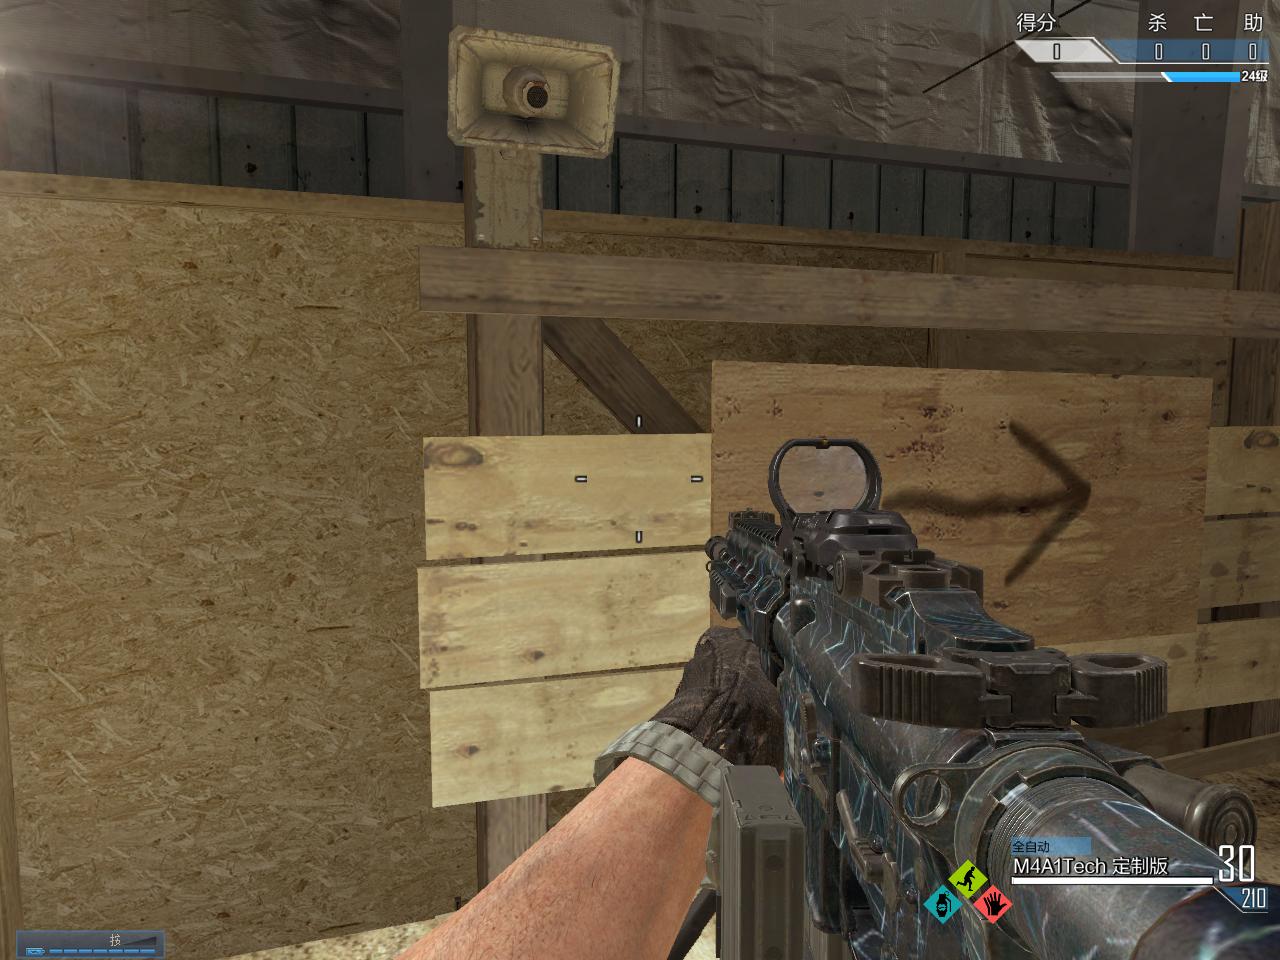 Cobweb Camouflage